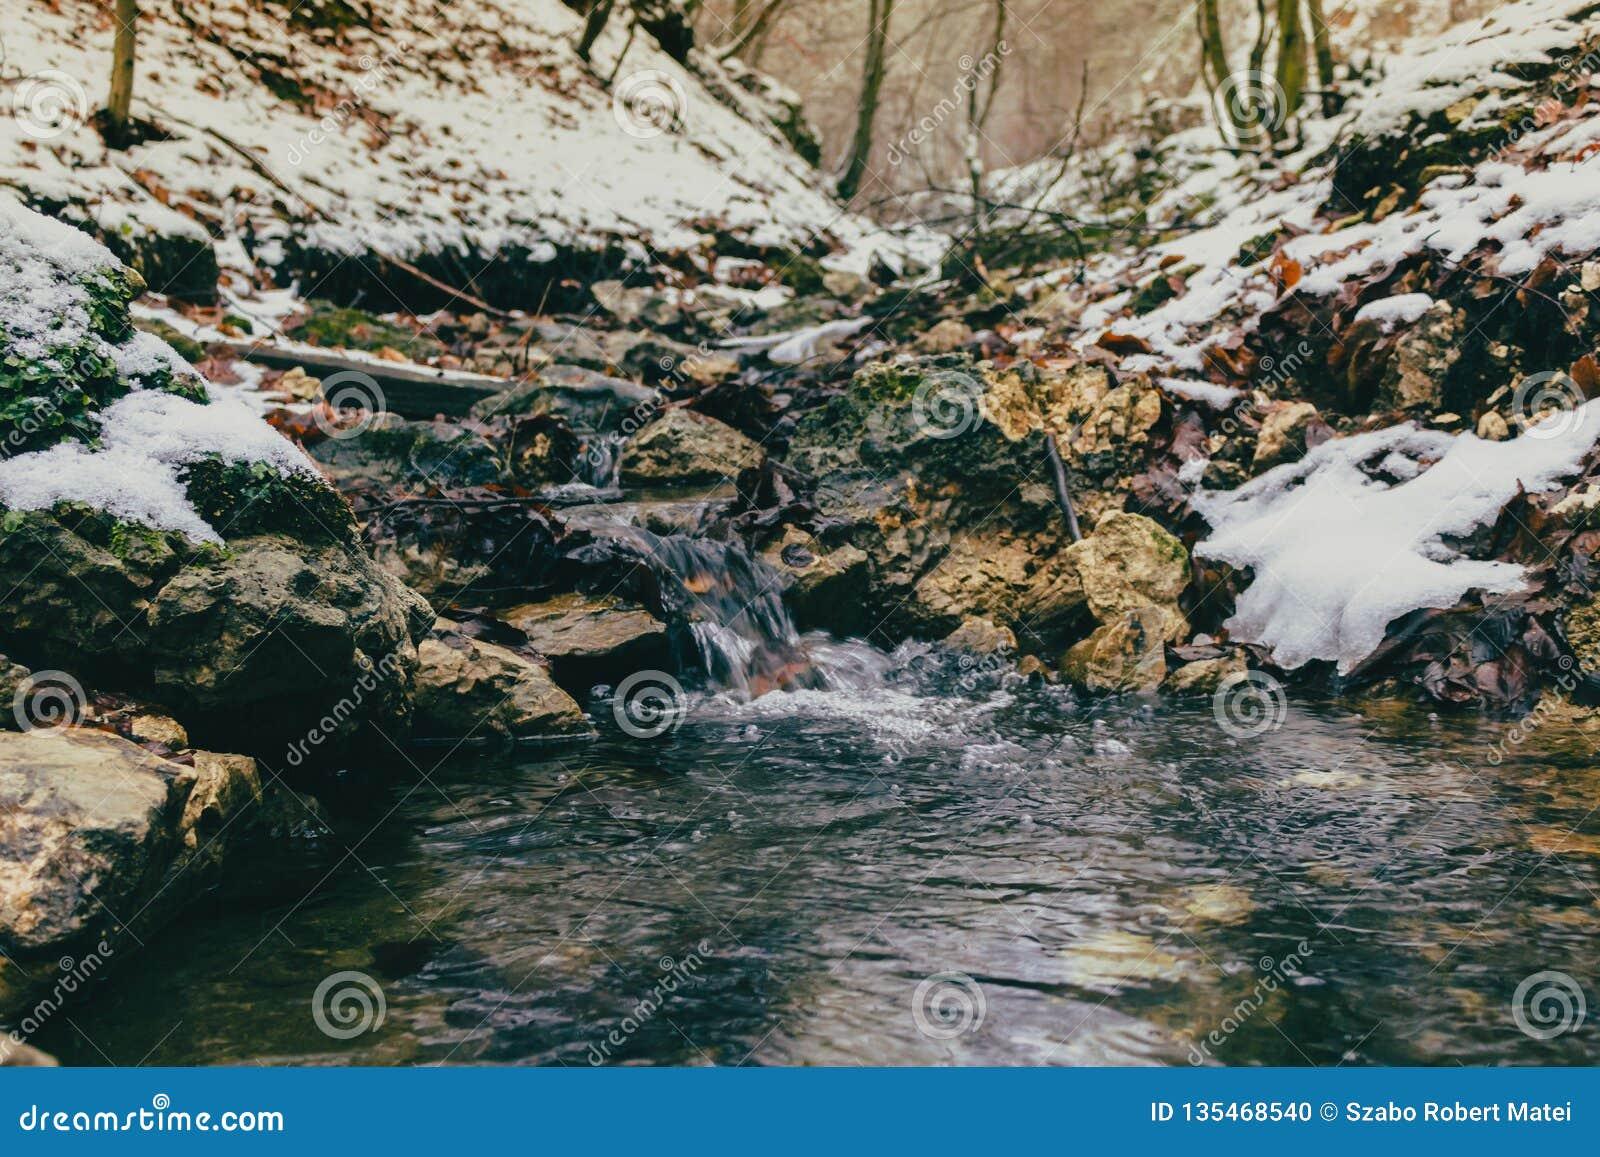 Ein kleiner Wasserstrom während des Winters